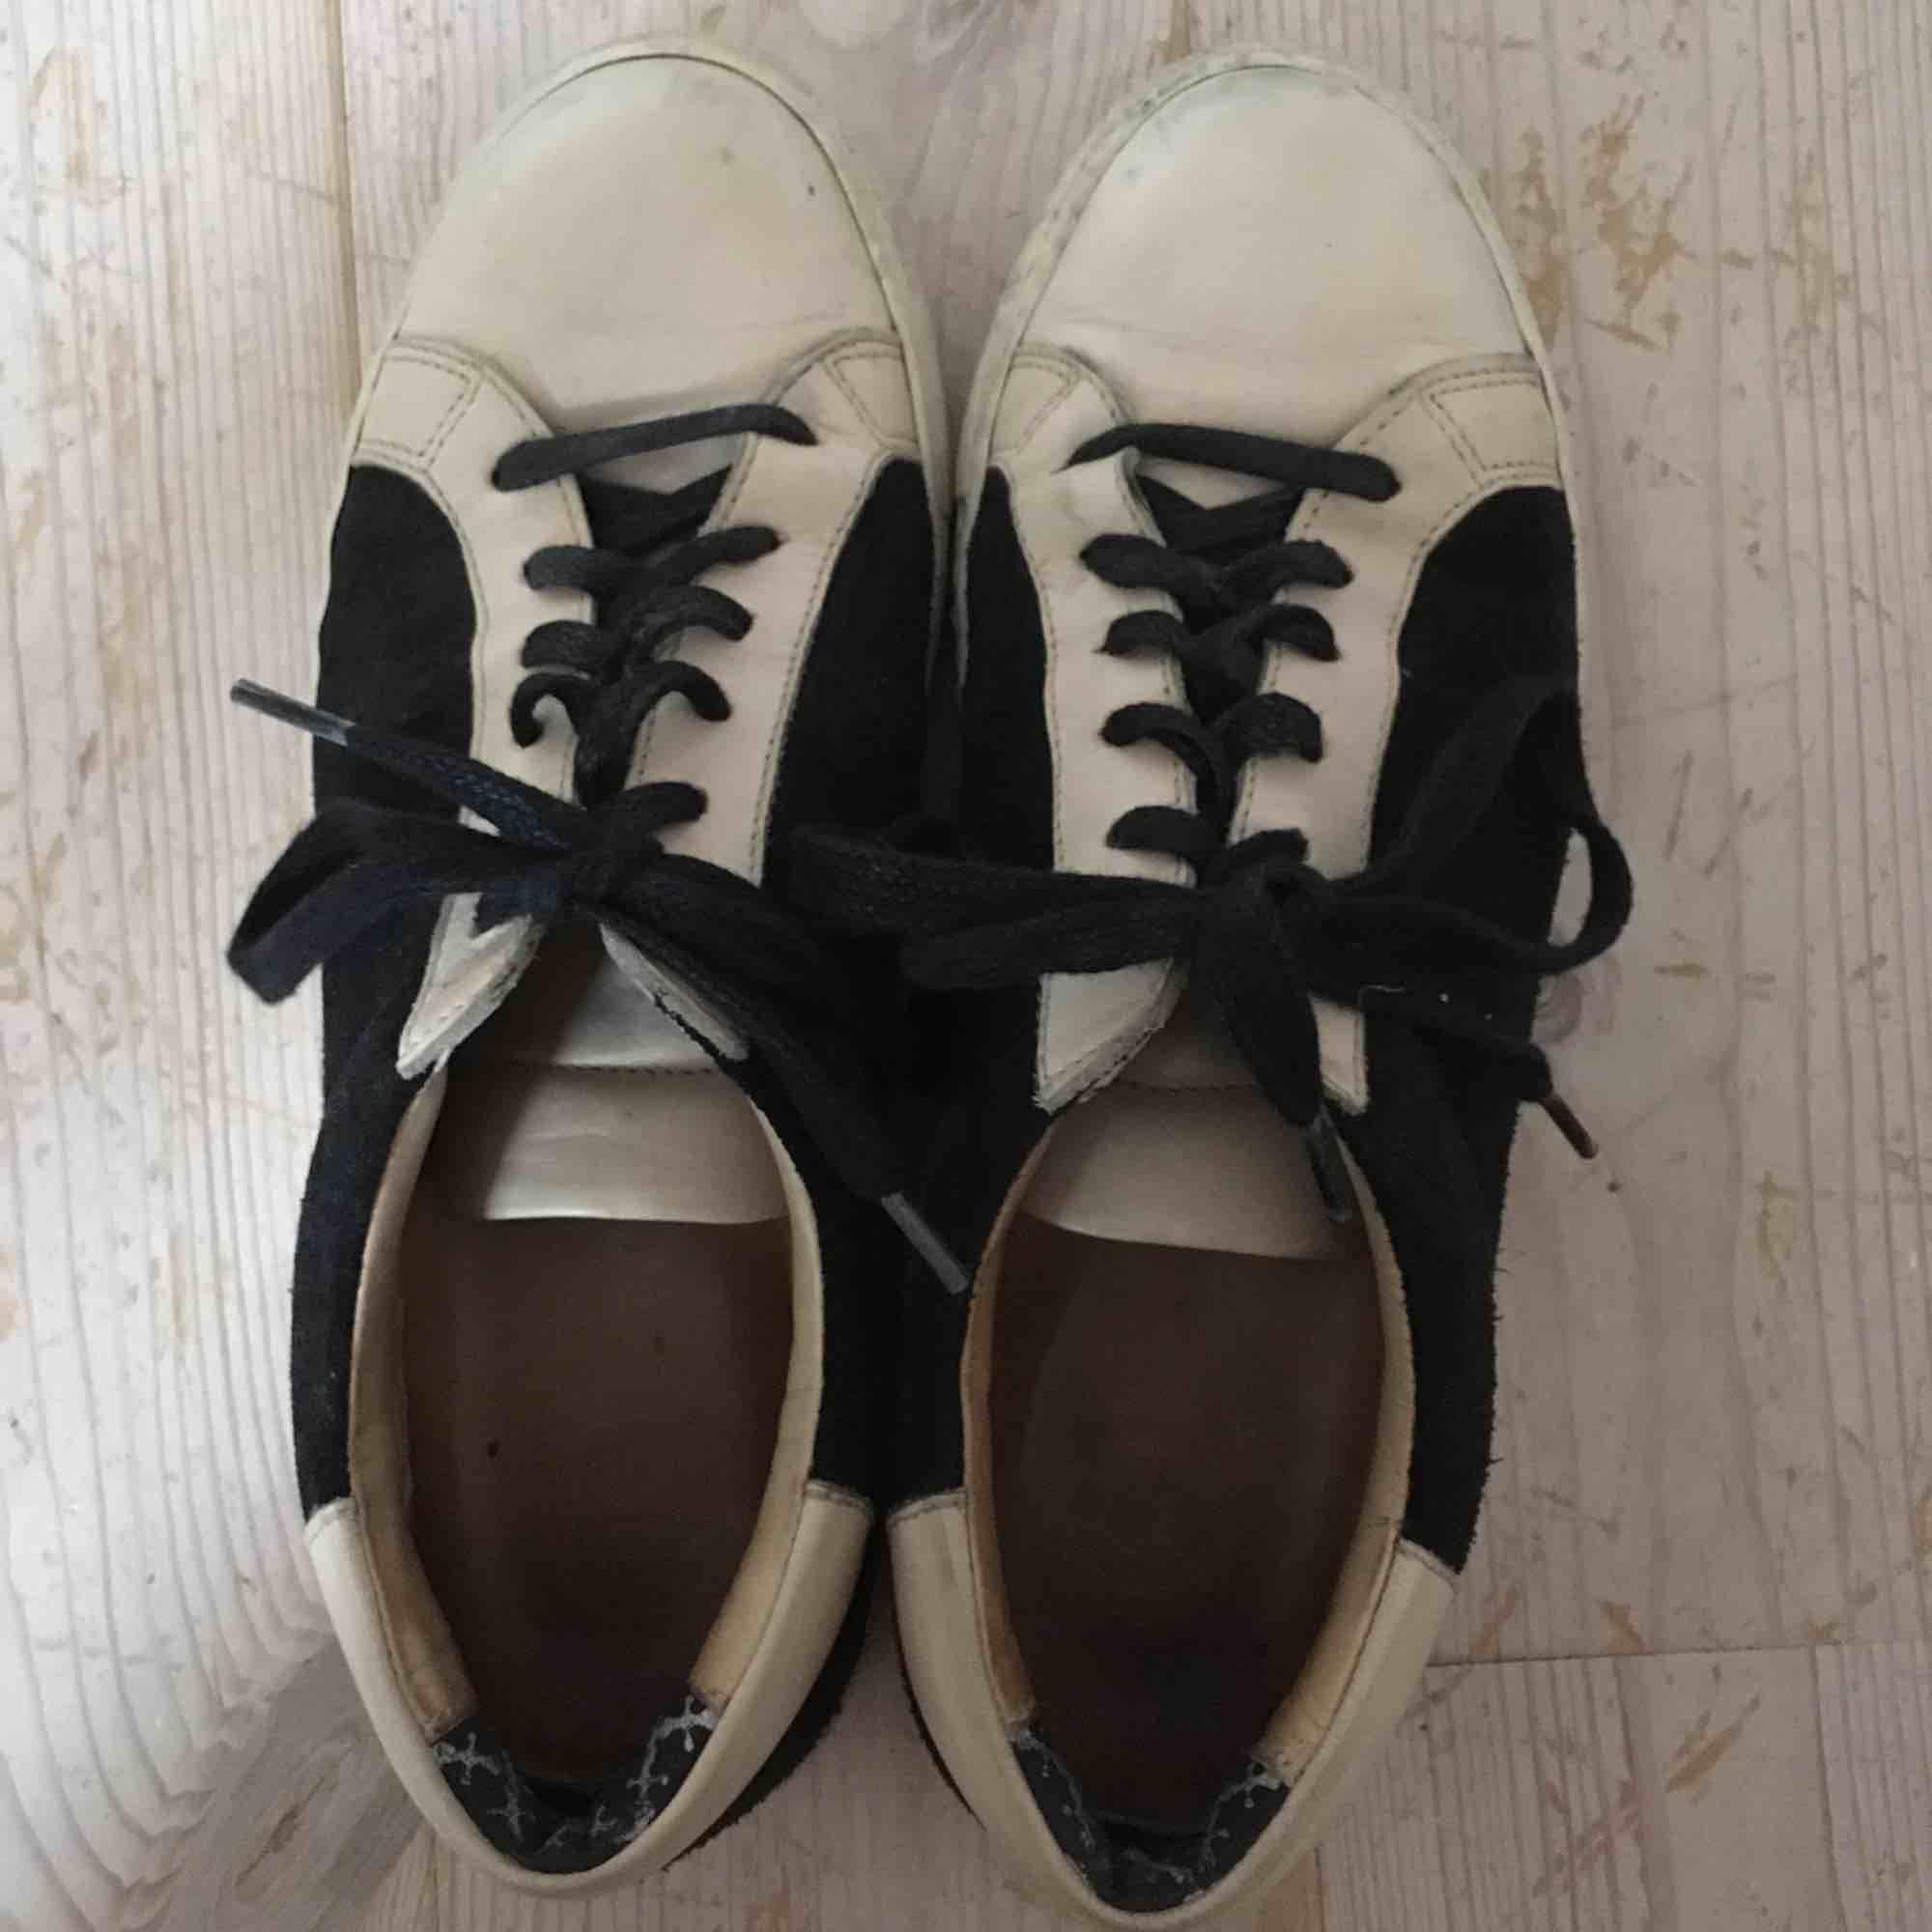 Snygga skor i ljust skin och svart mocka, köpta secondhand men i bra skick. Knappt använda av mig då de är lite stora för mig. Märket är Marlene Birger. . Skor.